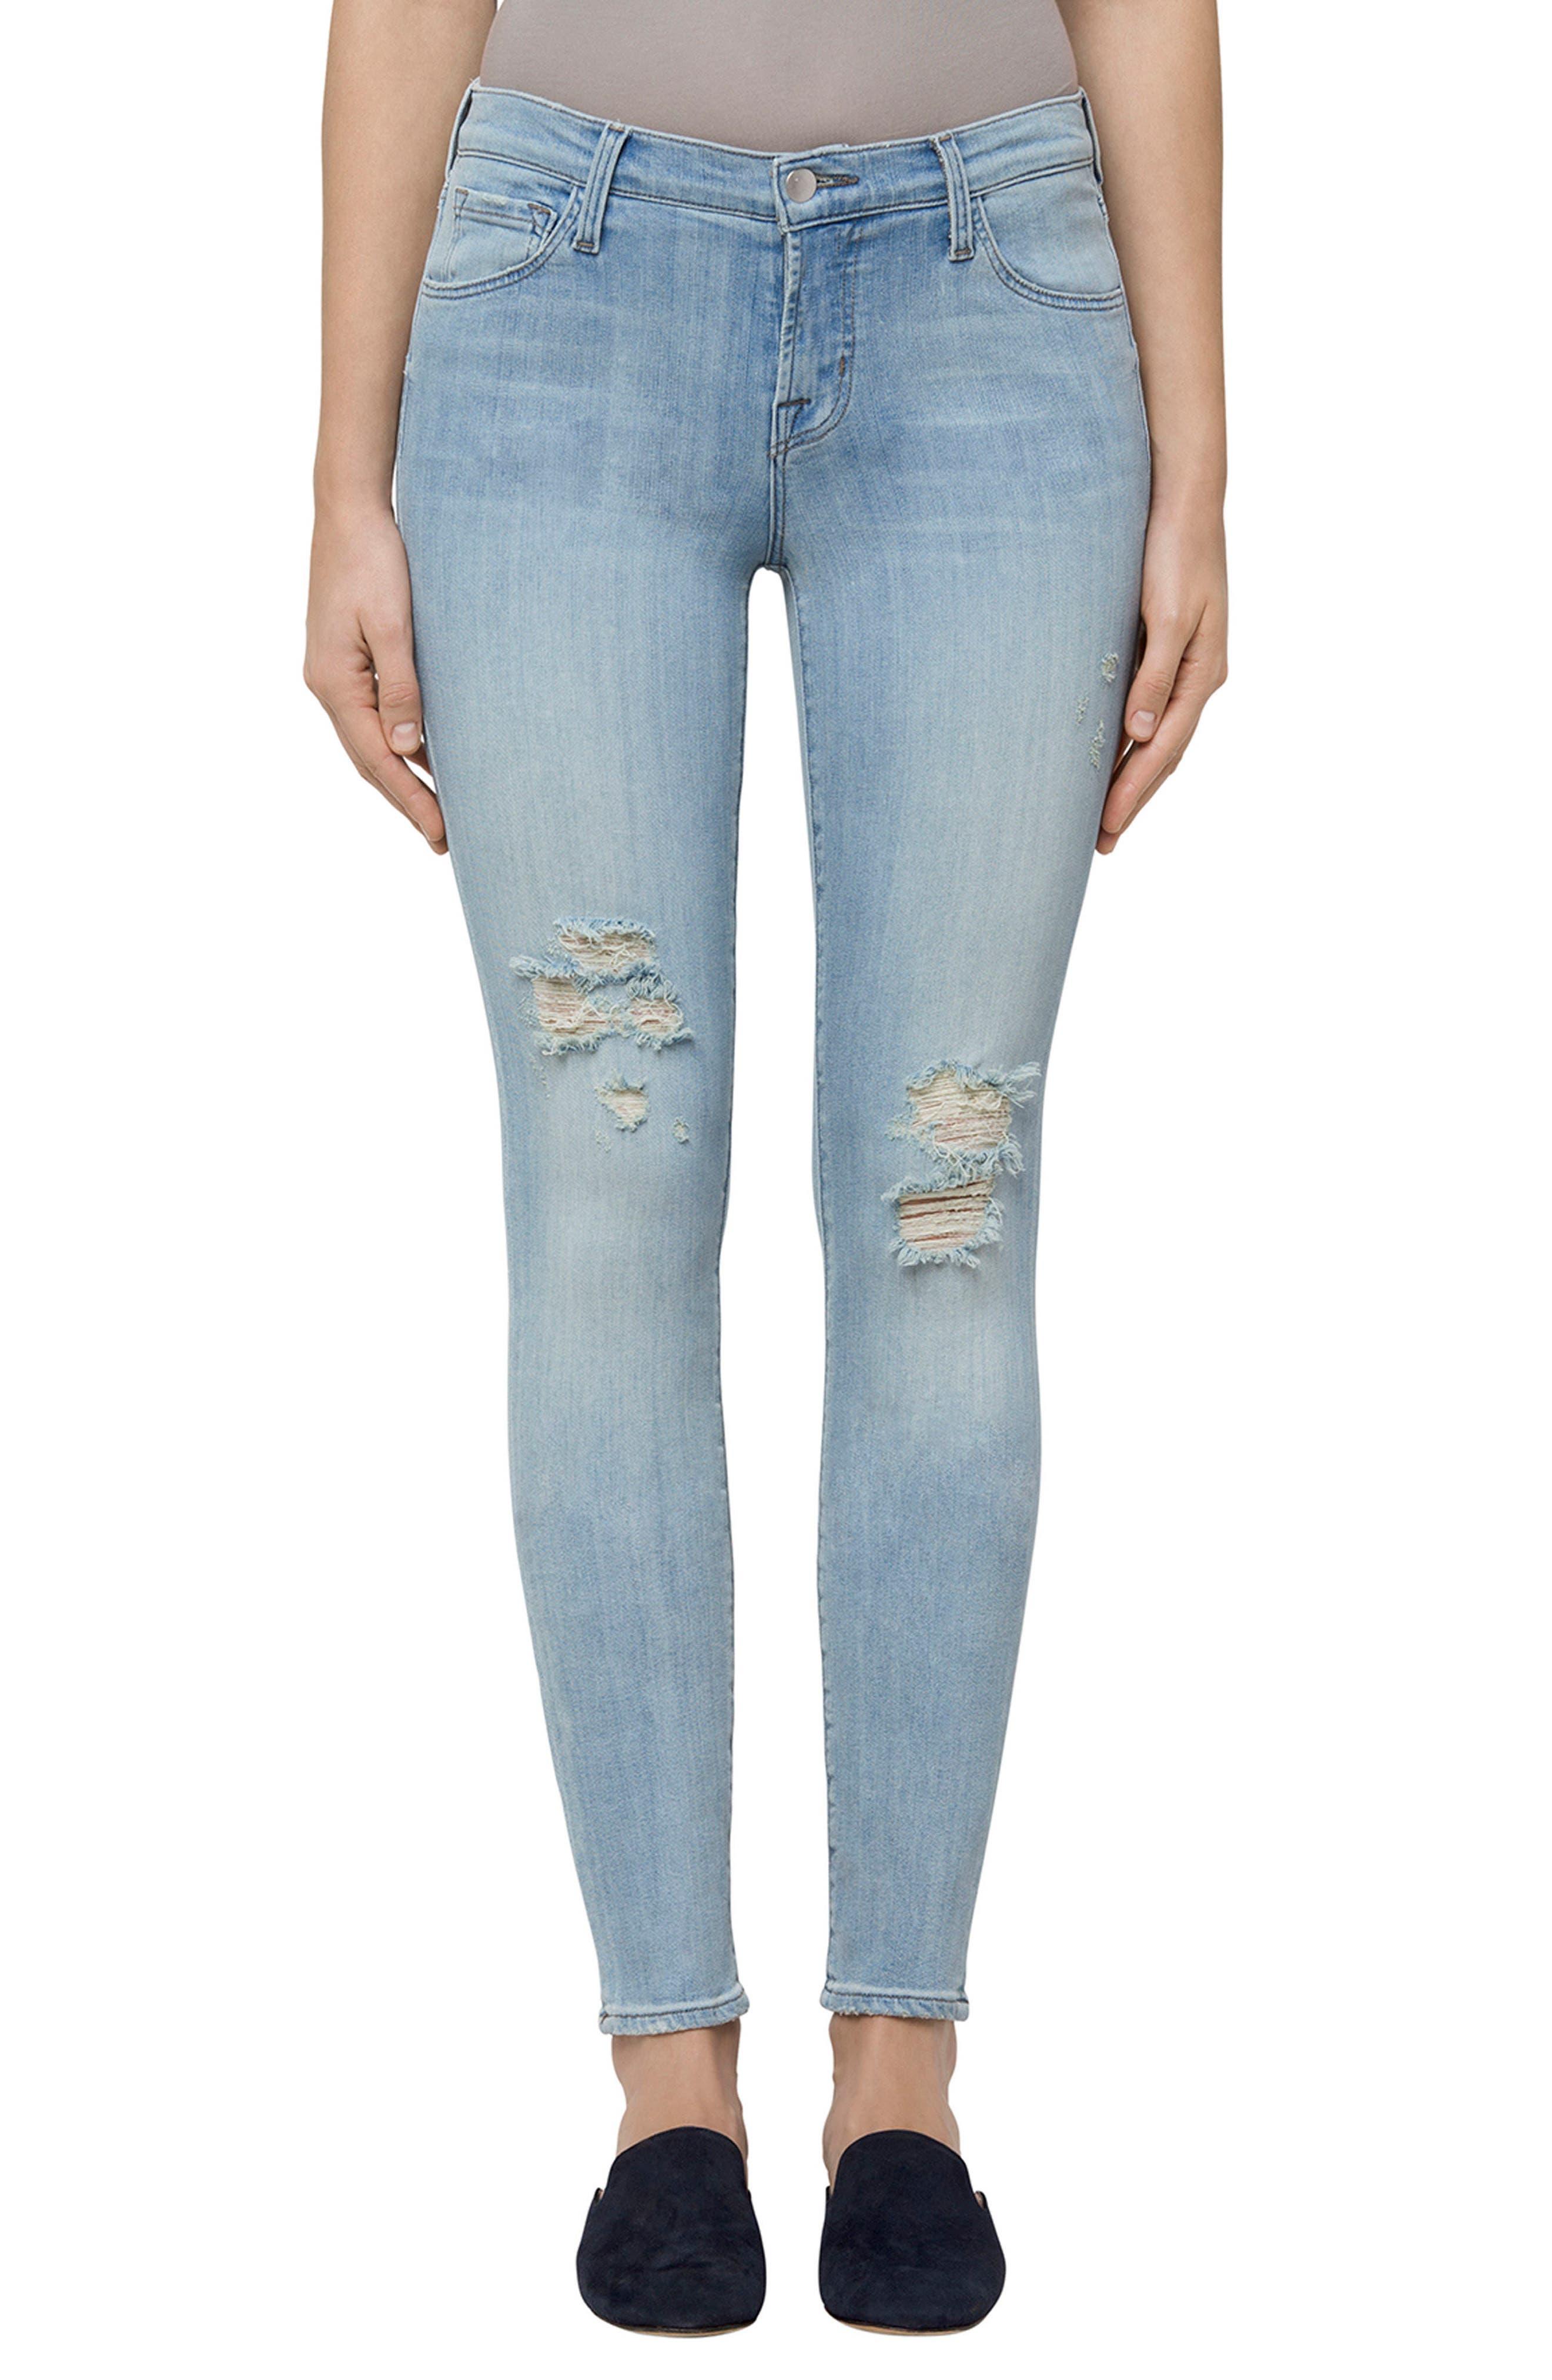 811 Skinny Jeans,                         Main,                         color, Refresh Destruct